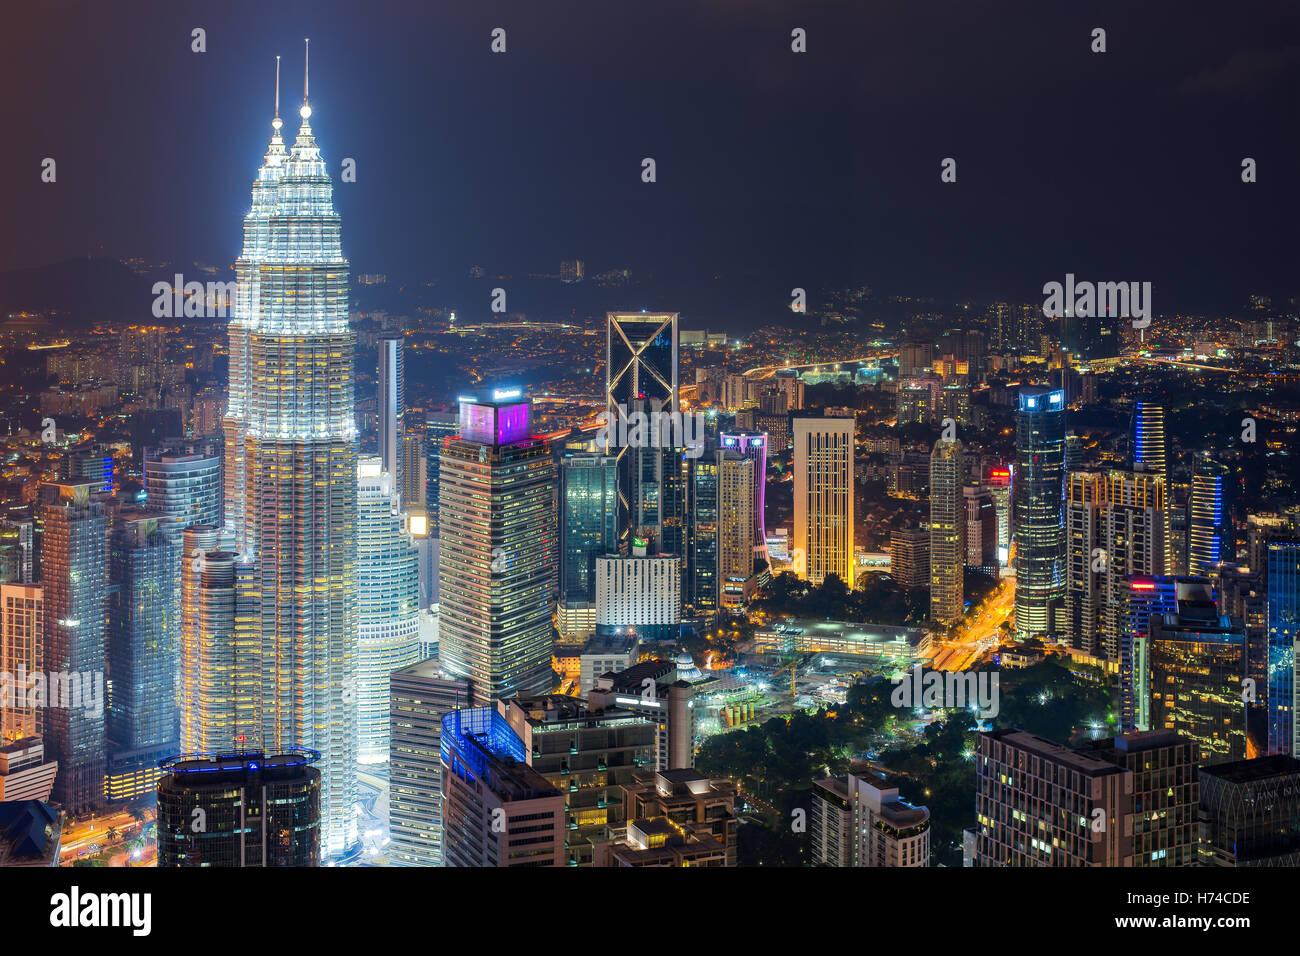 Skyline von Kuala Lumpur und Wolkenkratzer in der Nacht in Kuala Lumpur, Malaysia. Stockbild